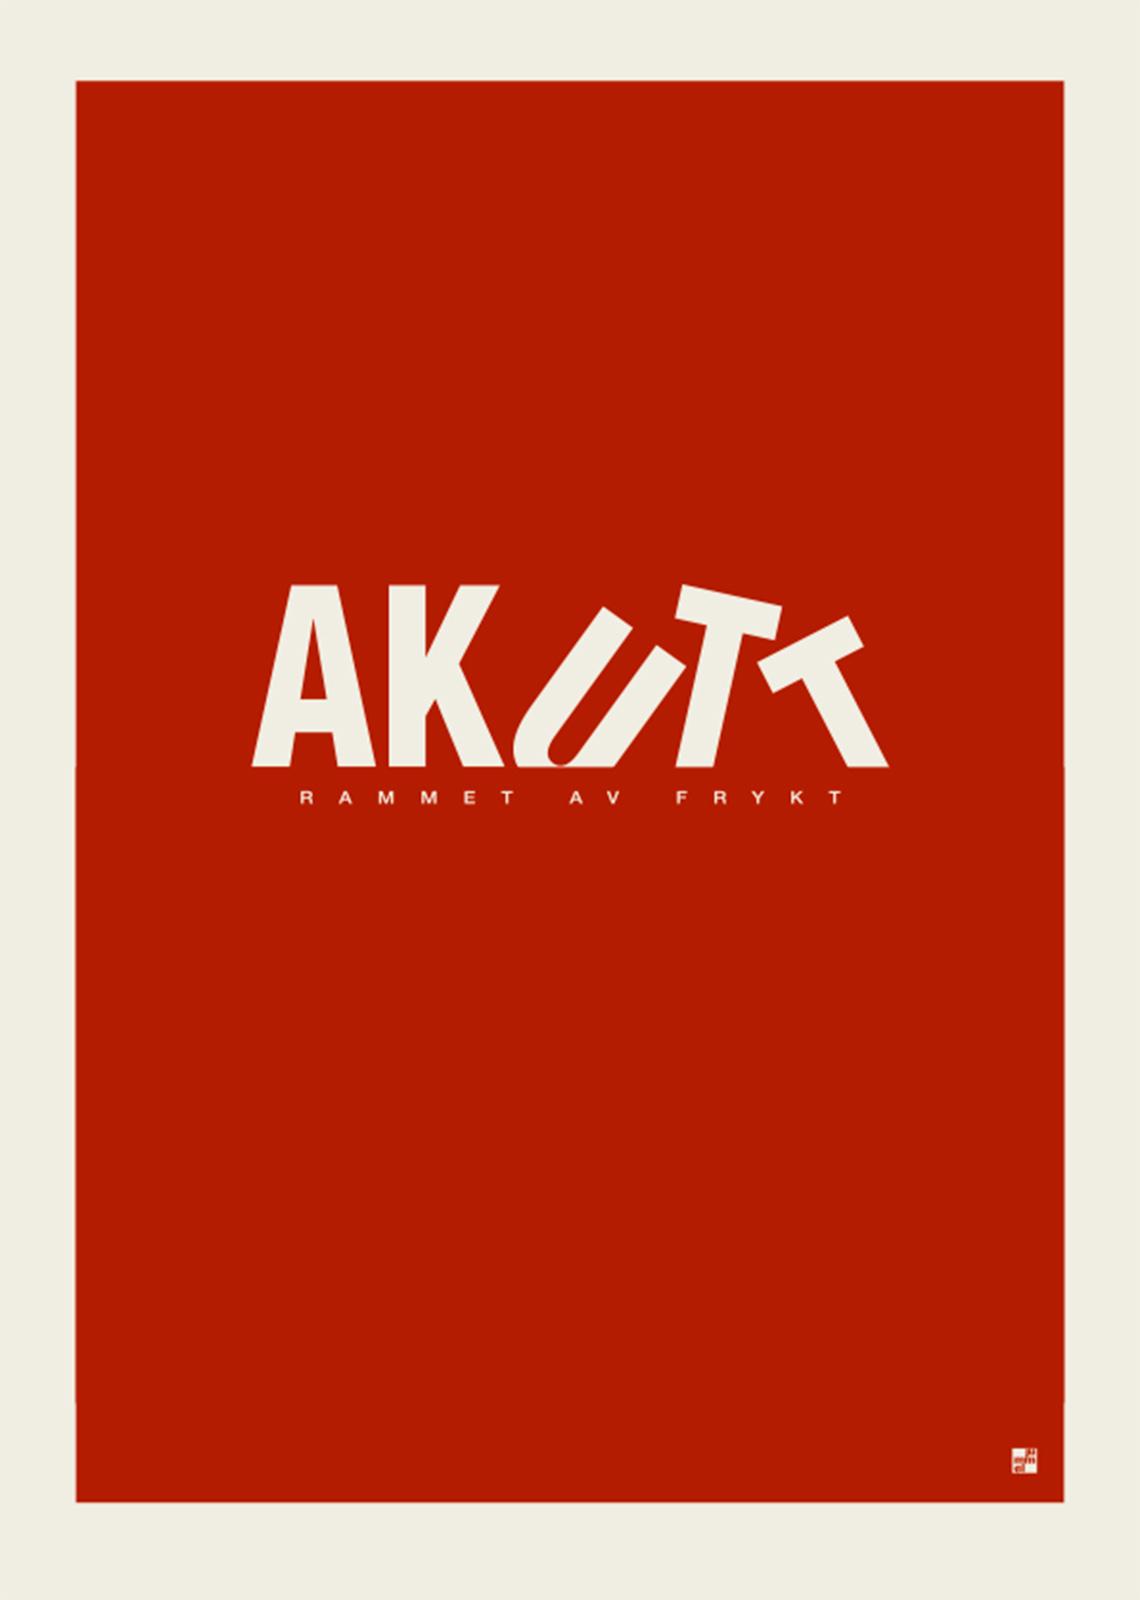 Image of Akutt af Jummel Designstudio